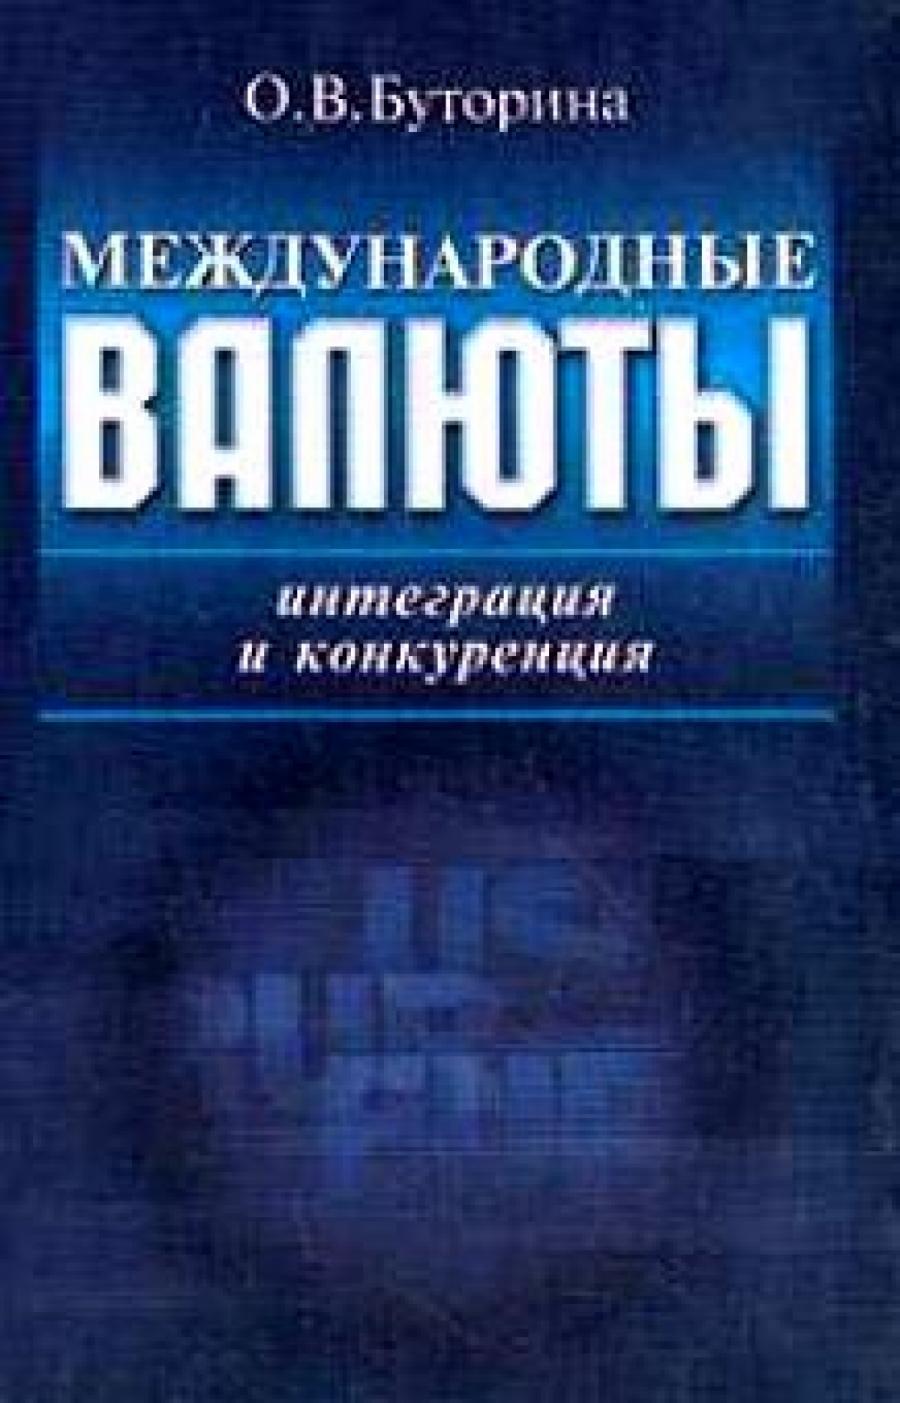 Обложка книги:  буторина о.в. - международные валюты. интеграция и конкуренция